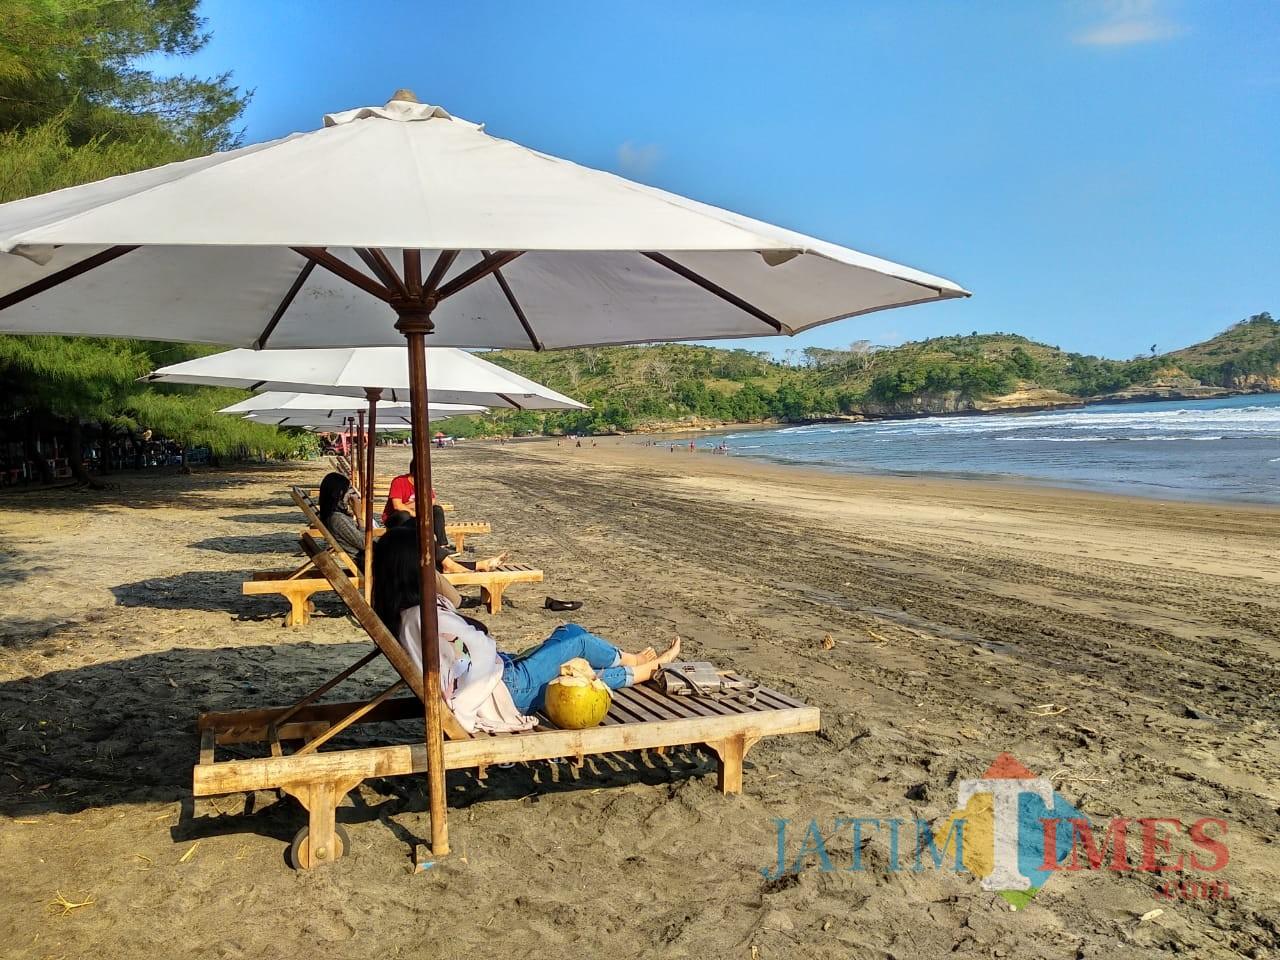 Destinasi Wisata Kembali Dibuka Pemkab Blitar Imbau Wisatawan Patuhi Prokes Jatim TIMES